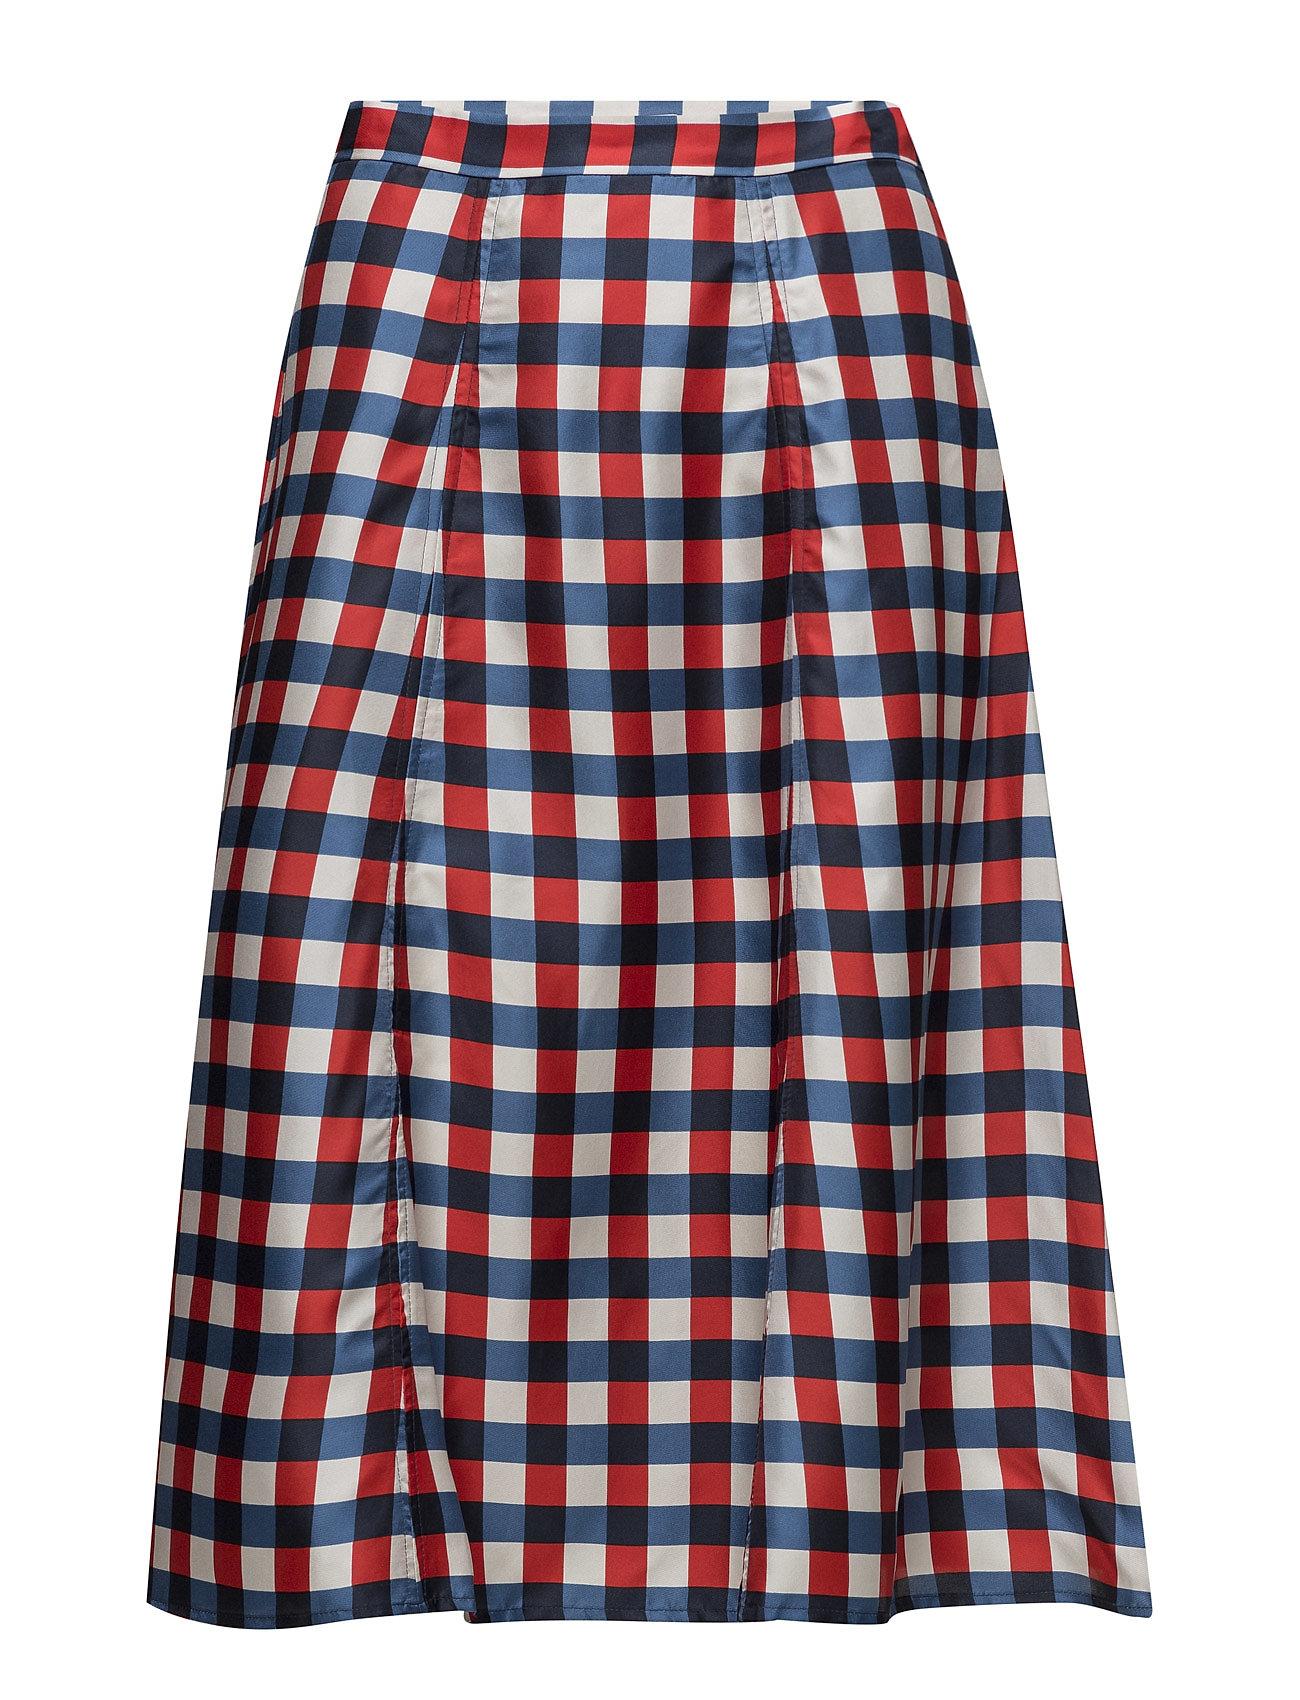 Lovechild 1979 Ena Skirt